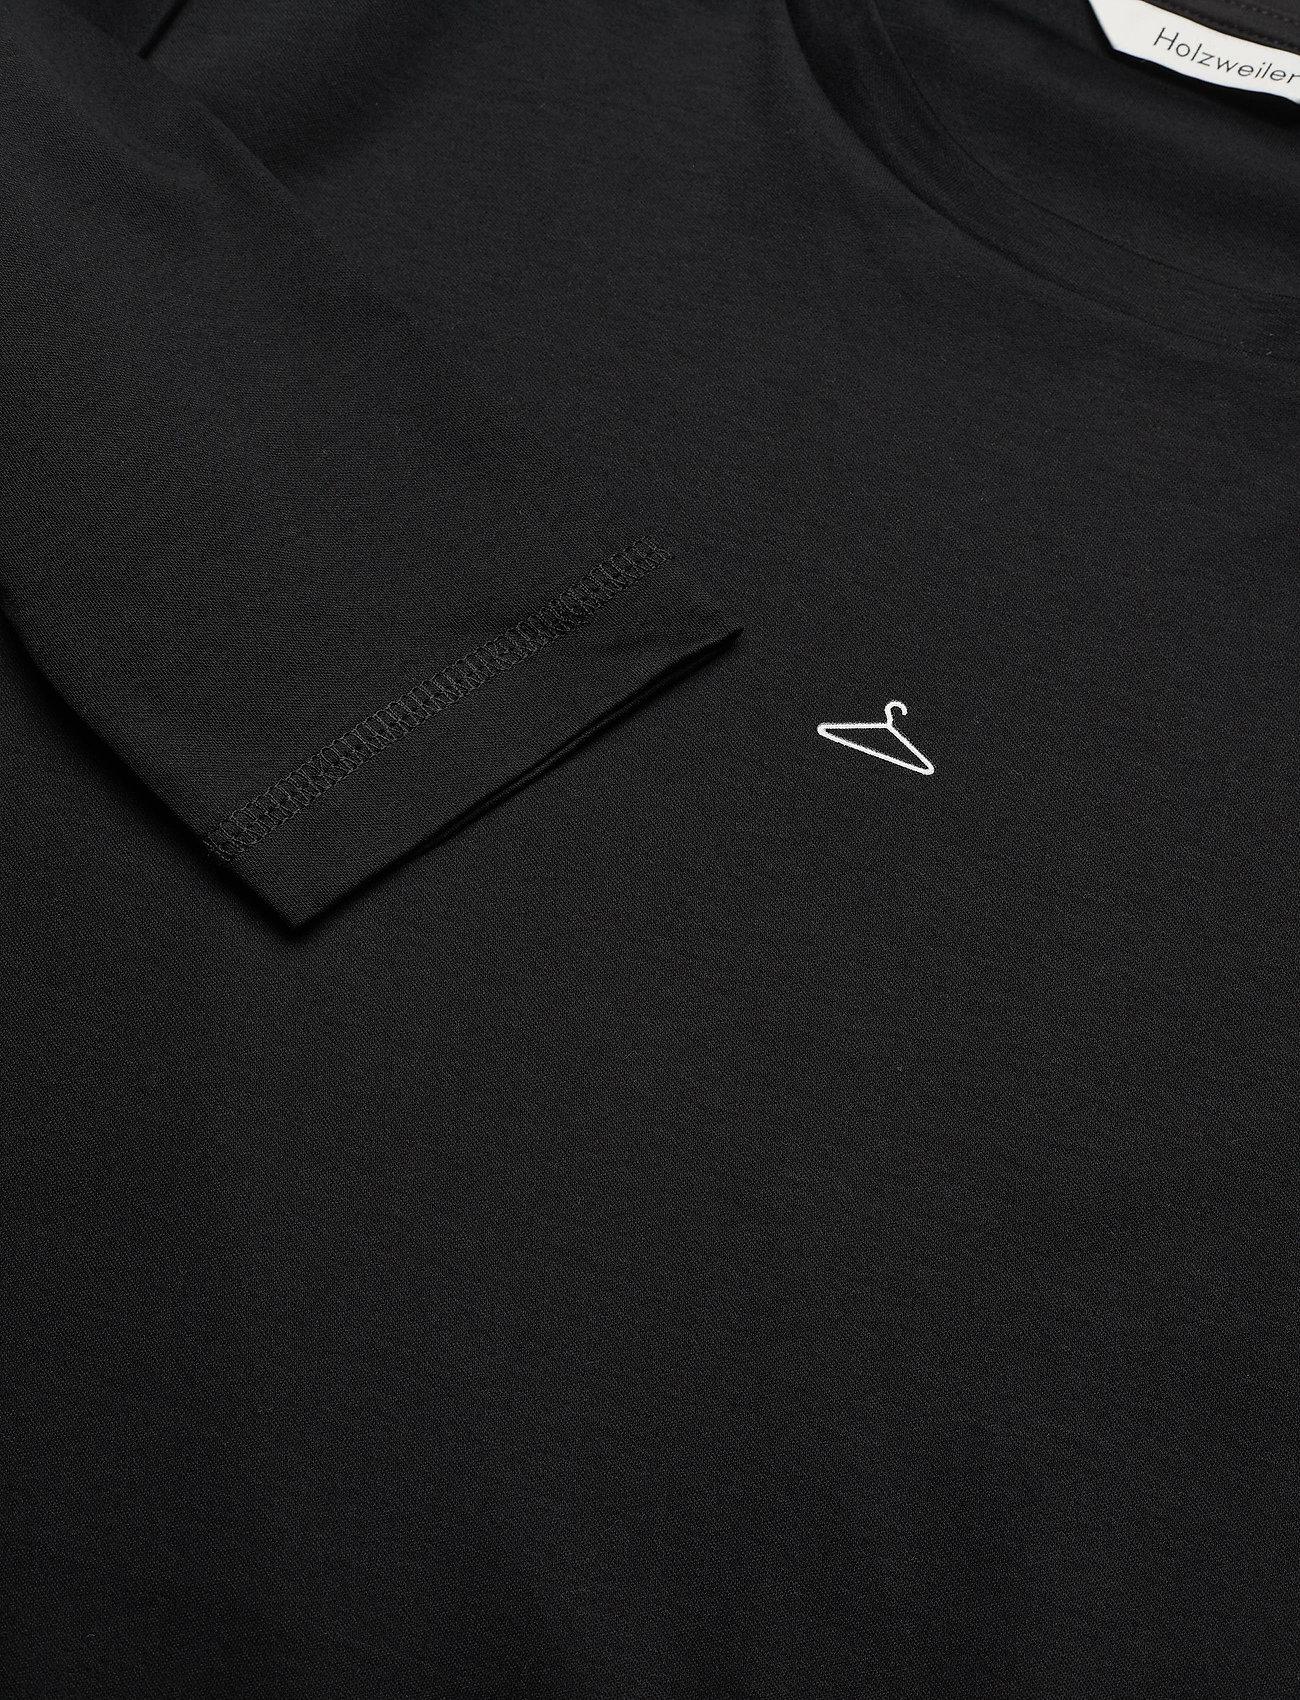 Skarn Ls 20-04 (Black) (150 €) - HOLZWEILER FNgf2